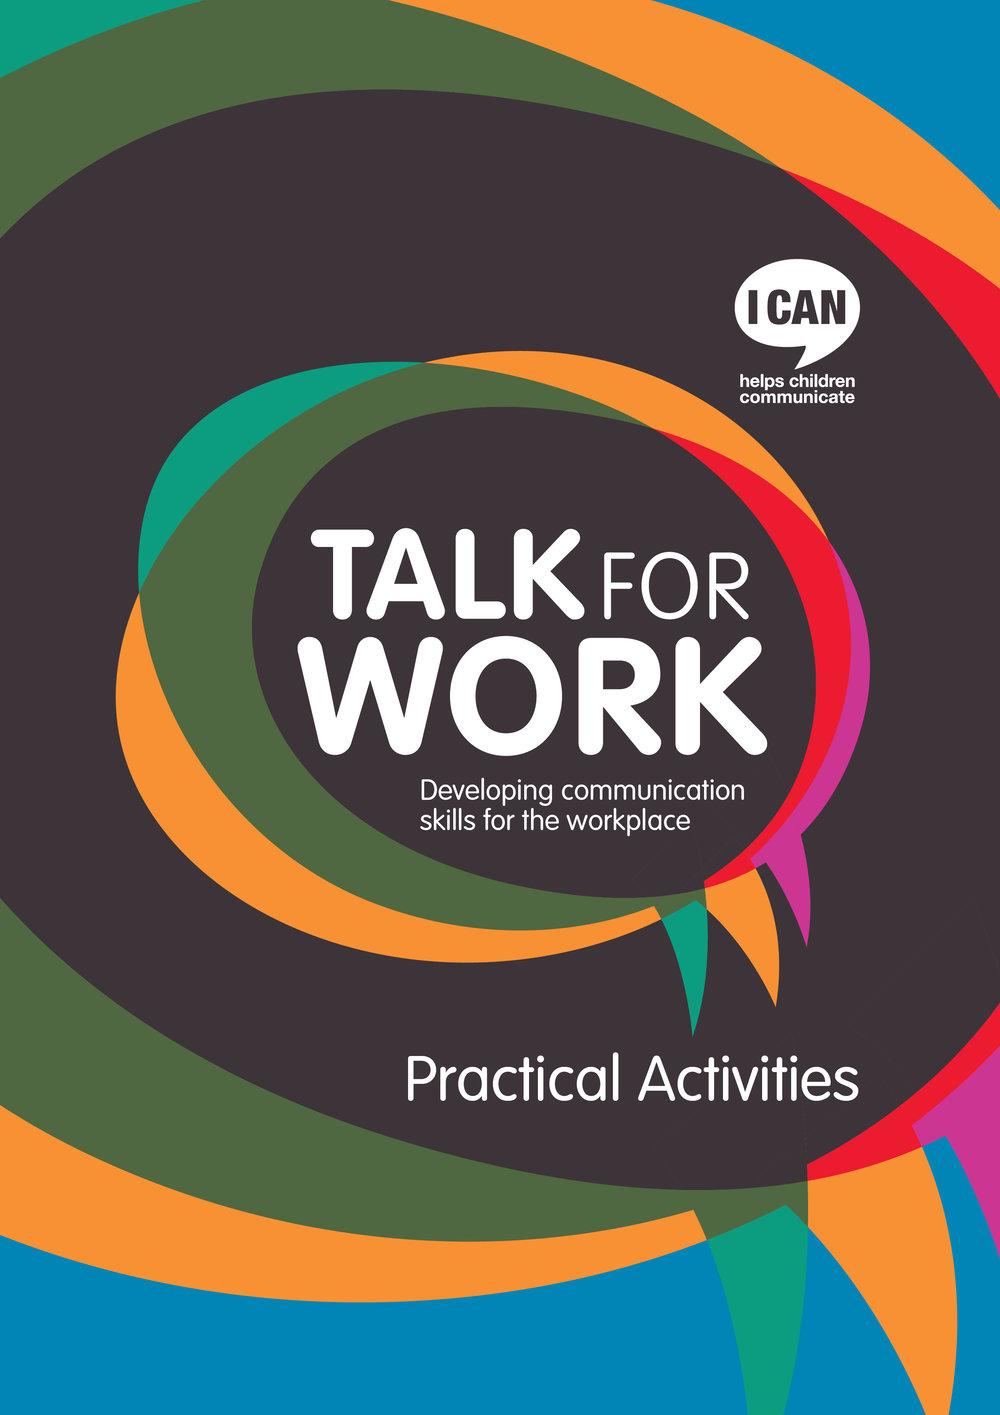 ICAN_TfW_ACTIVITIES.jpg